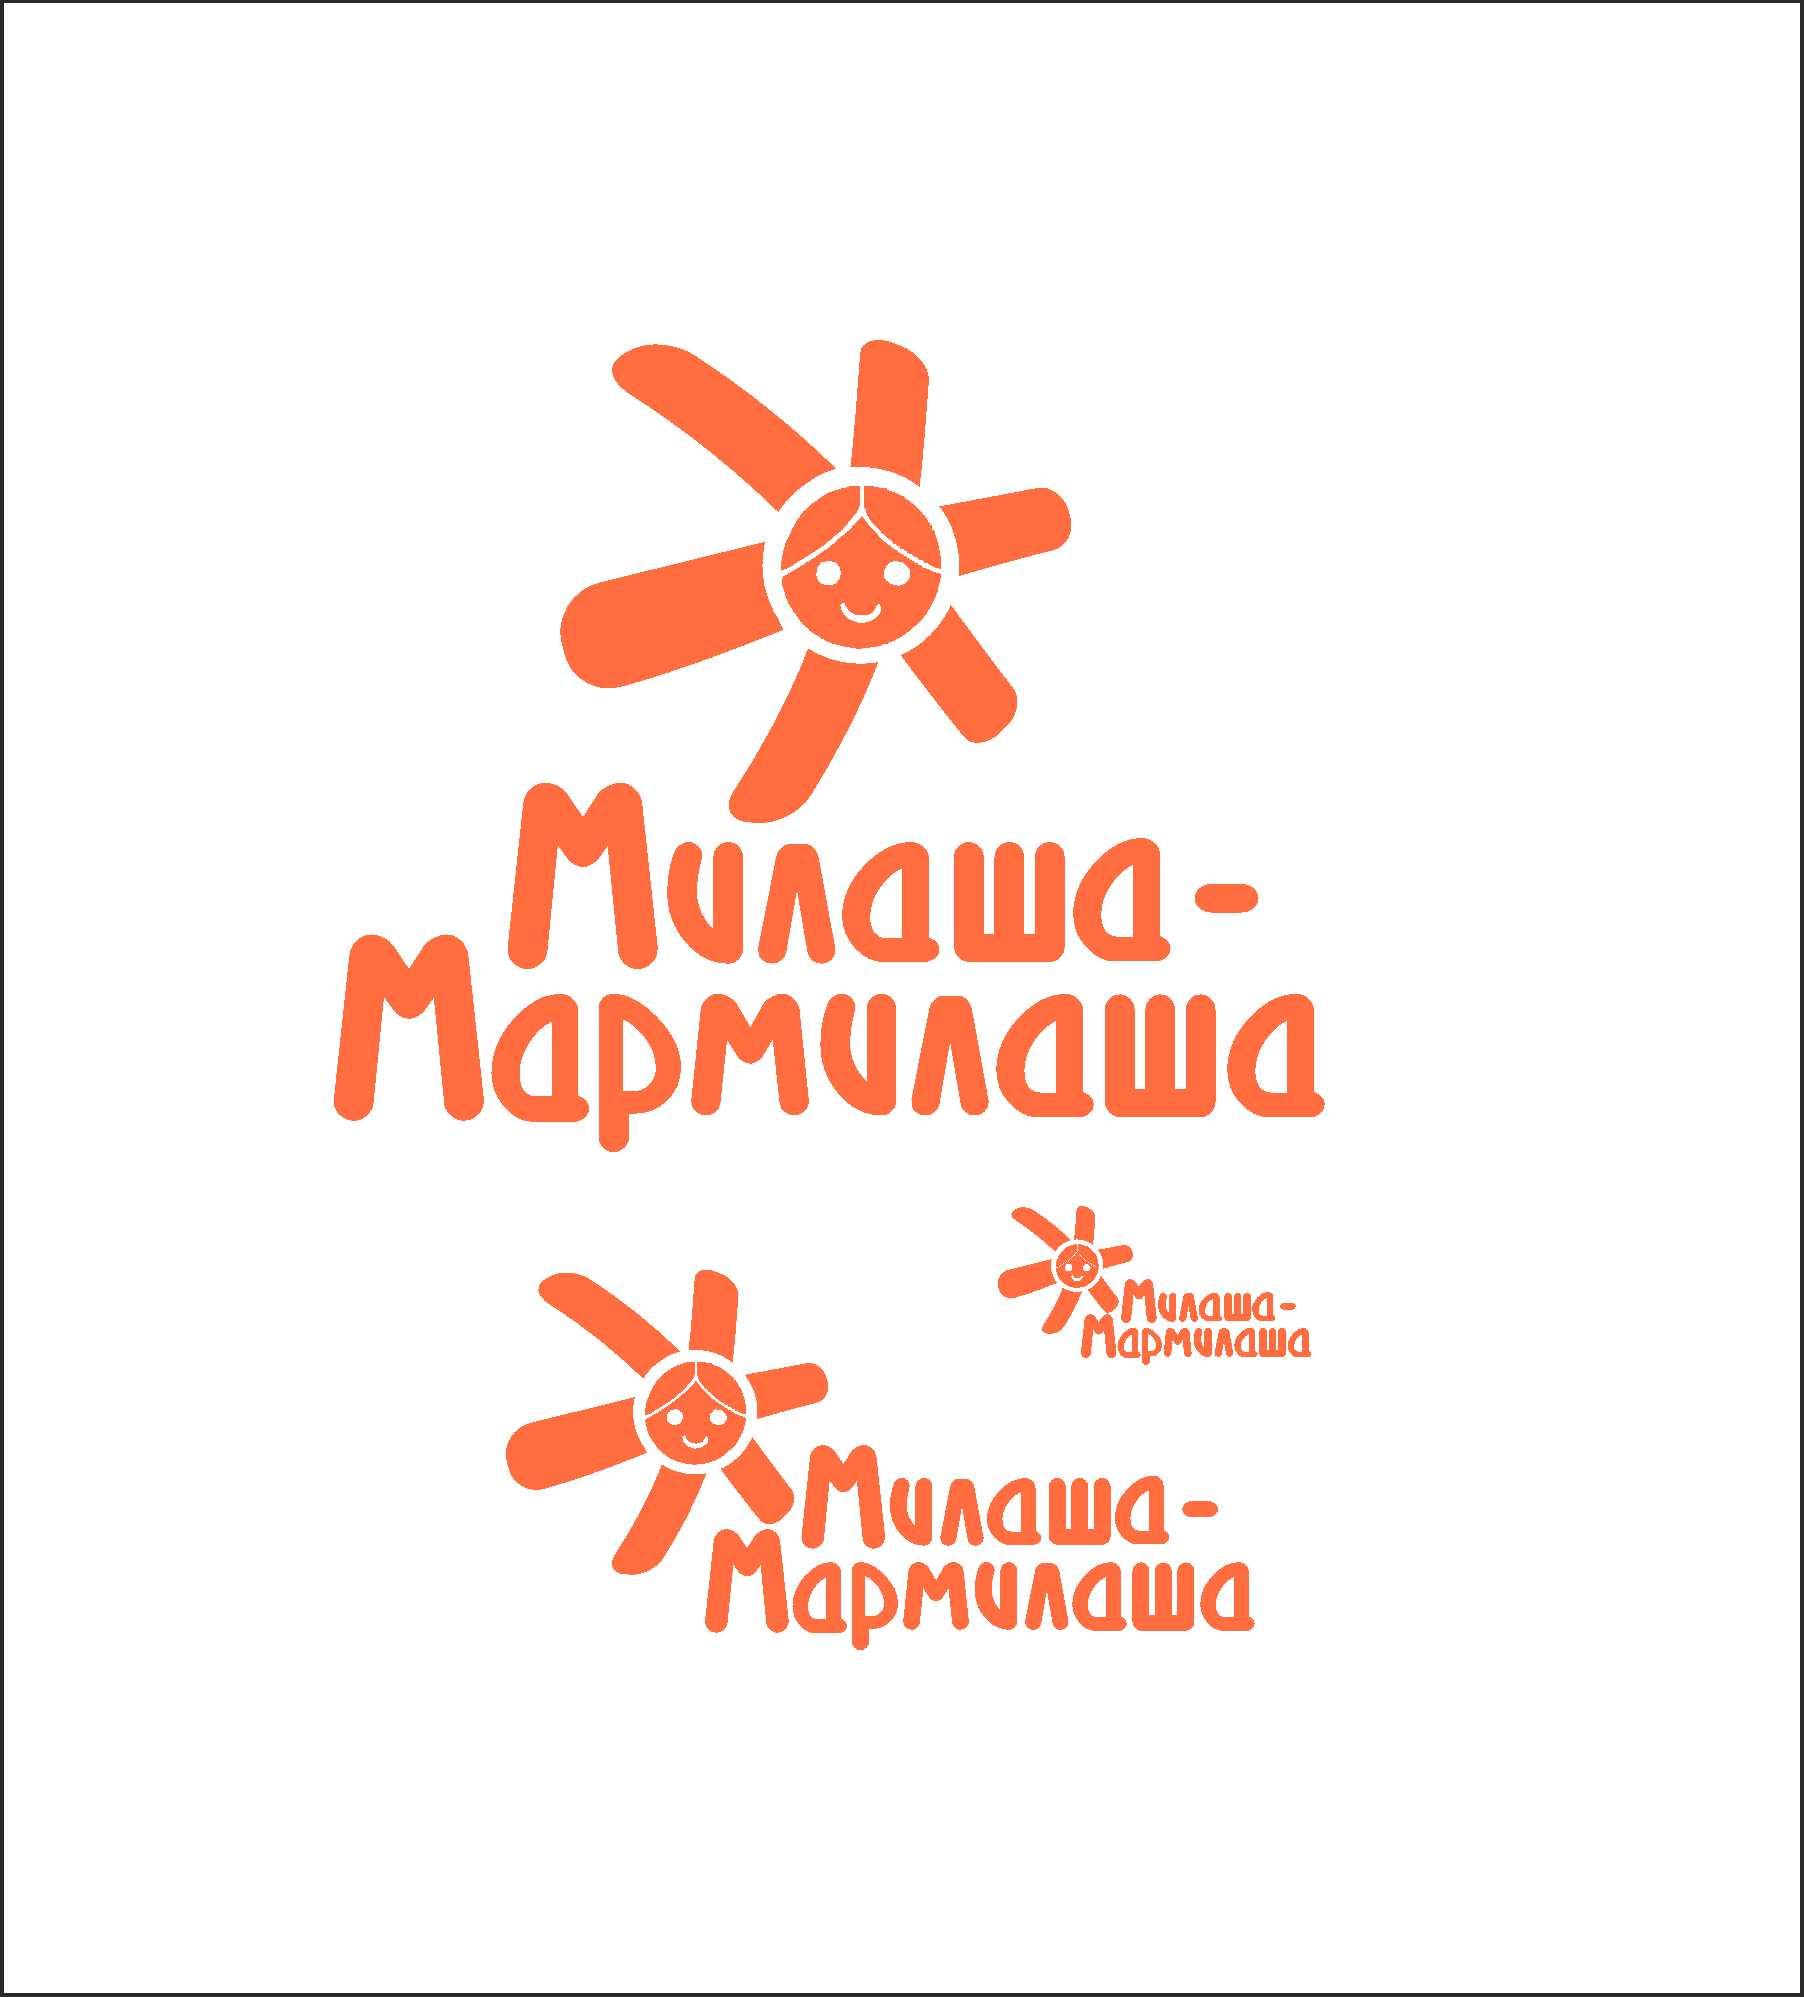 """Логотип для товарного знака """"Милаша-Мармилаша"""" фото f_0785874f3deaf902.jpg"""